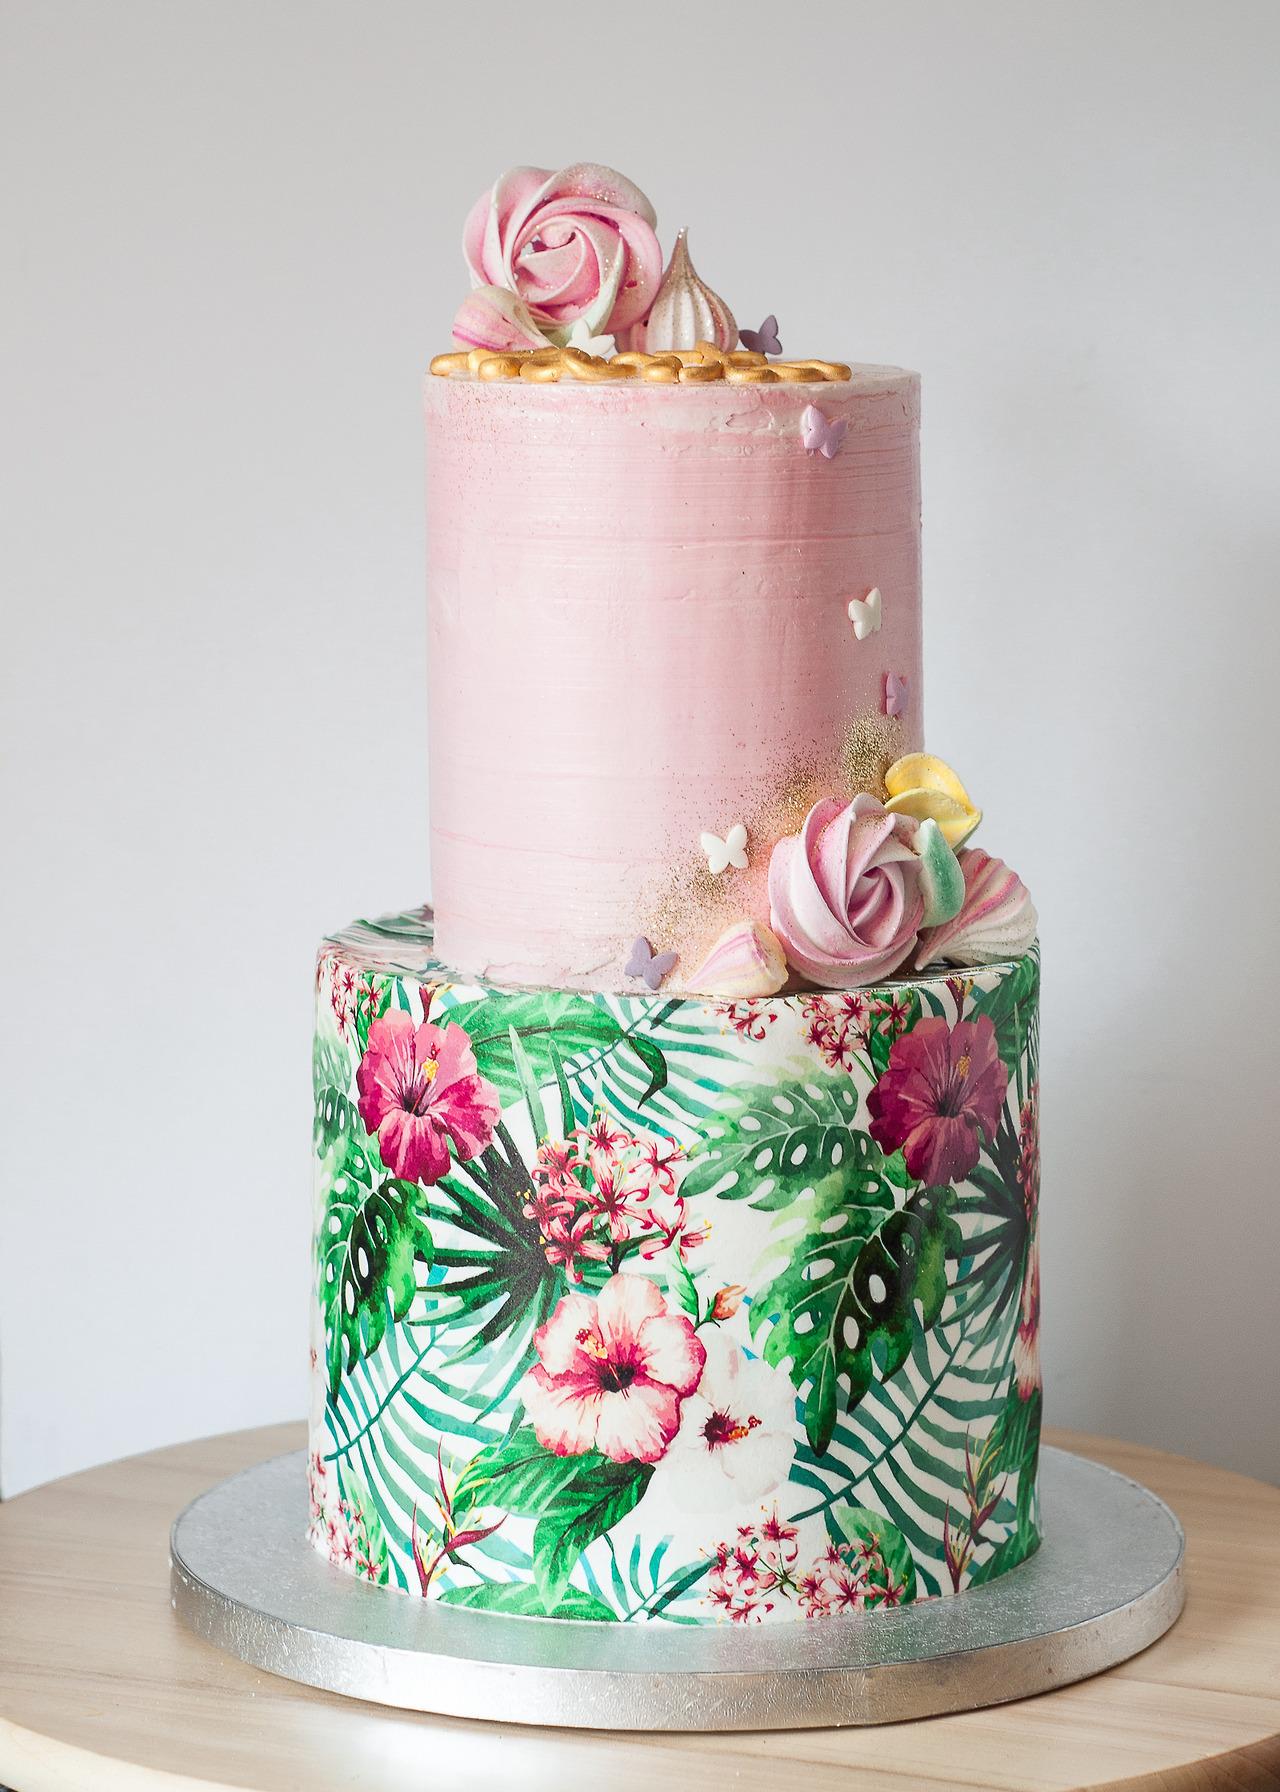 Ideias de bolos decorados para festa de 15 anos bolo decorado estilo tropical festa de 15 anos altavistaventures Gallery